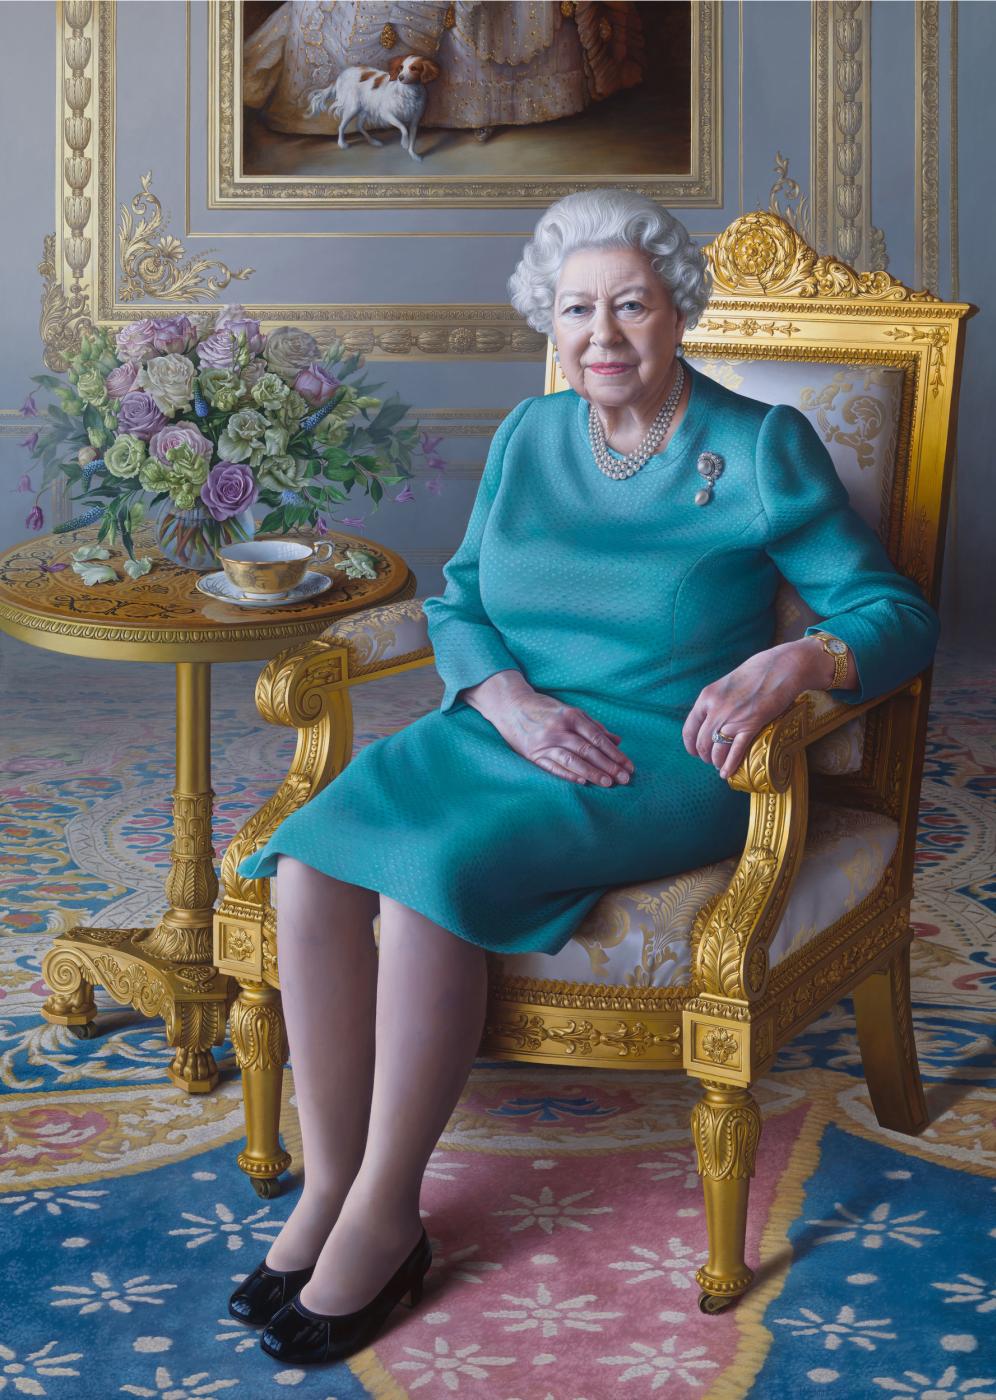 Miriam Eskofet. Her Majesty Queen Elizabeth II